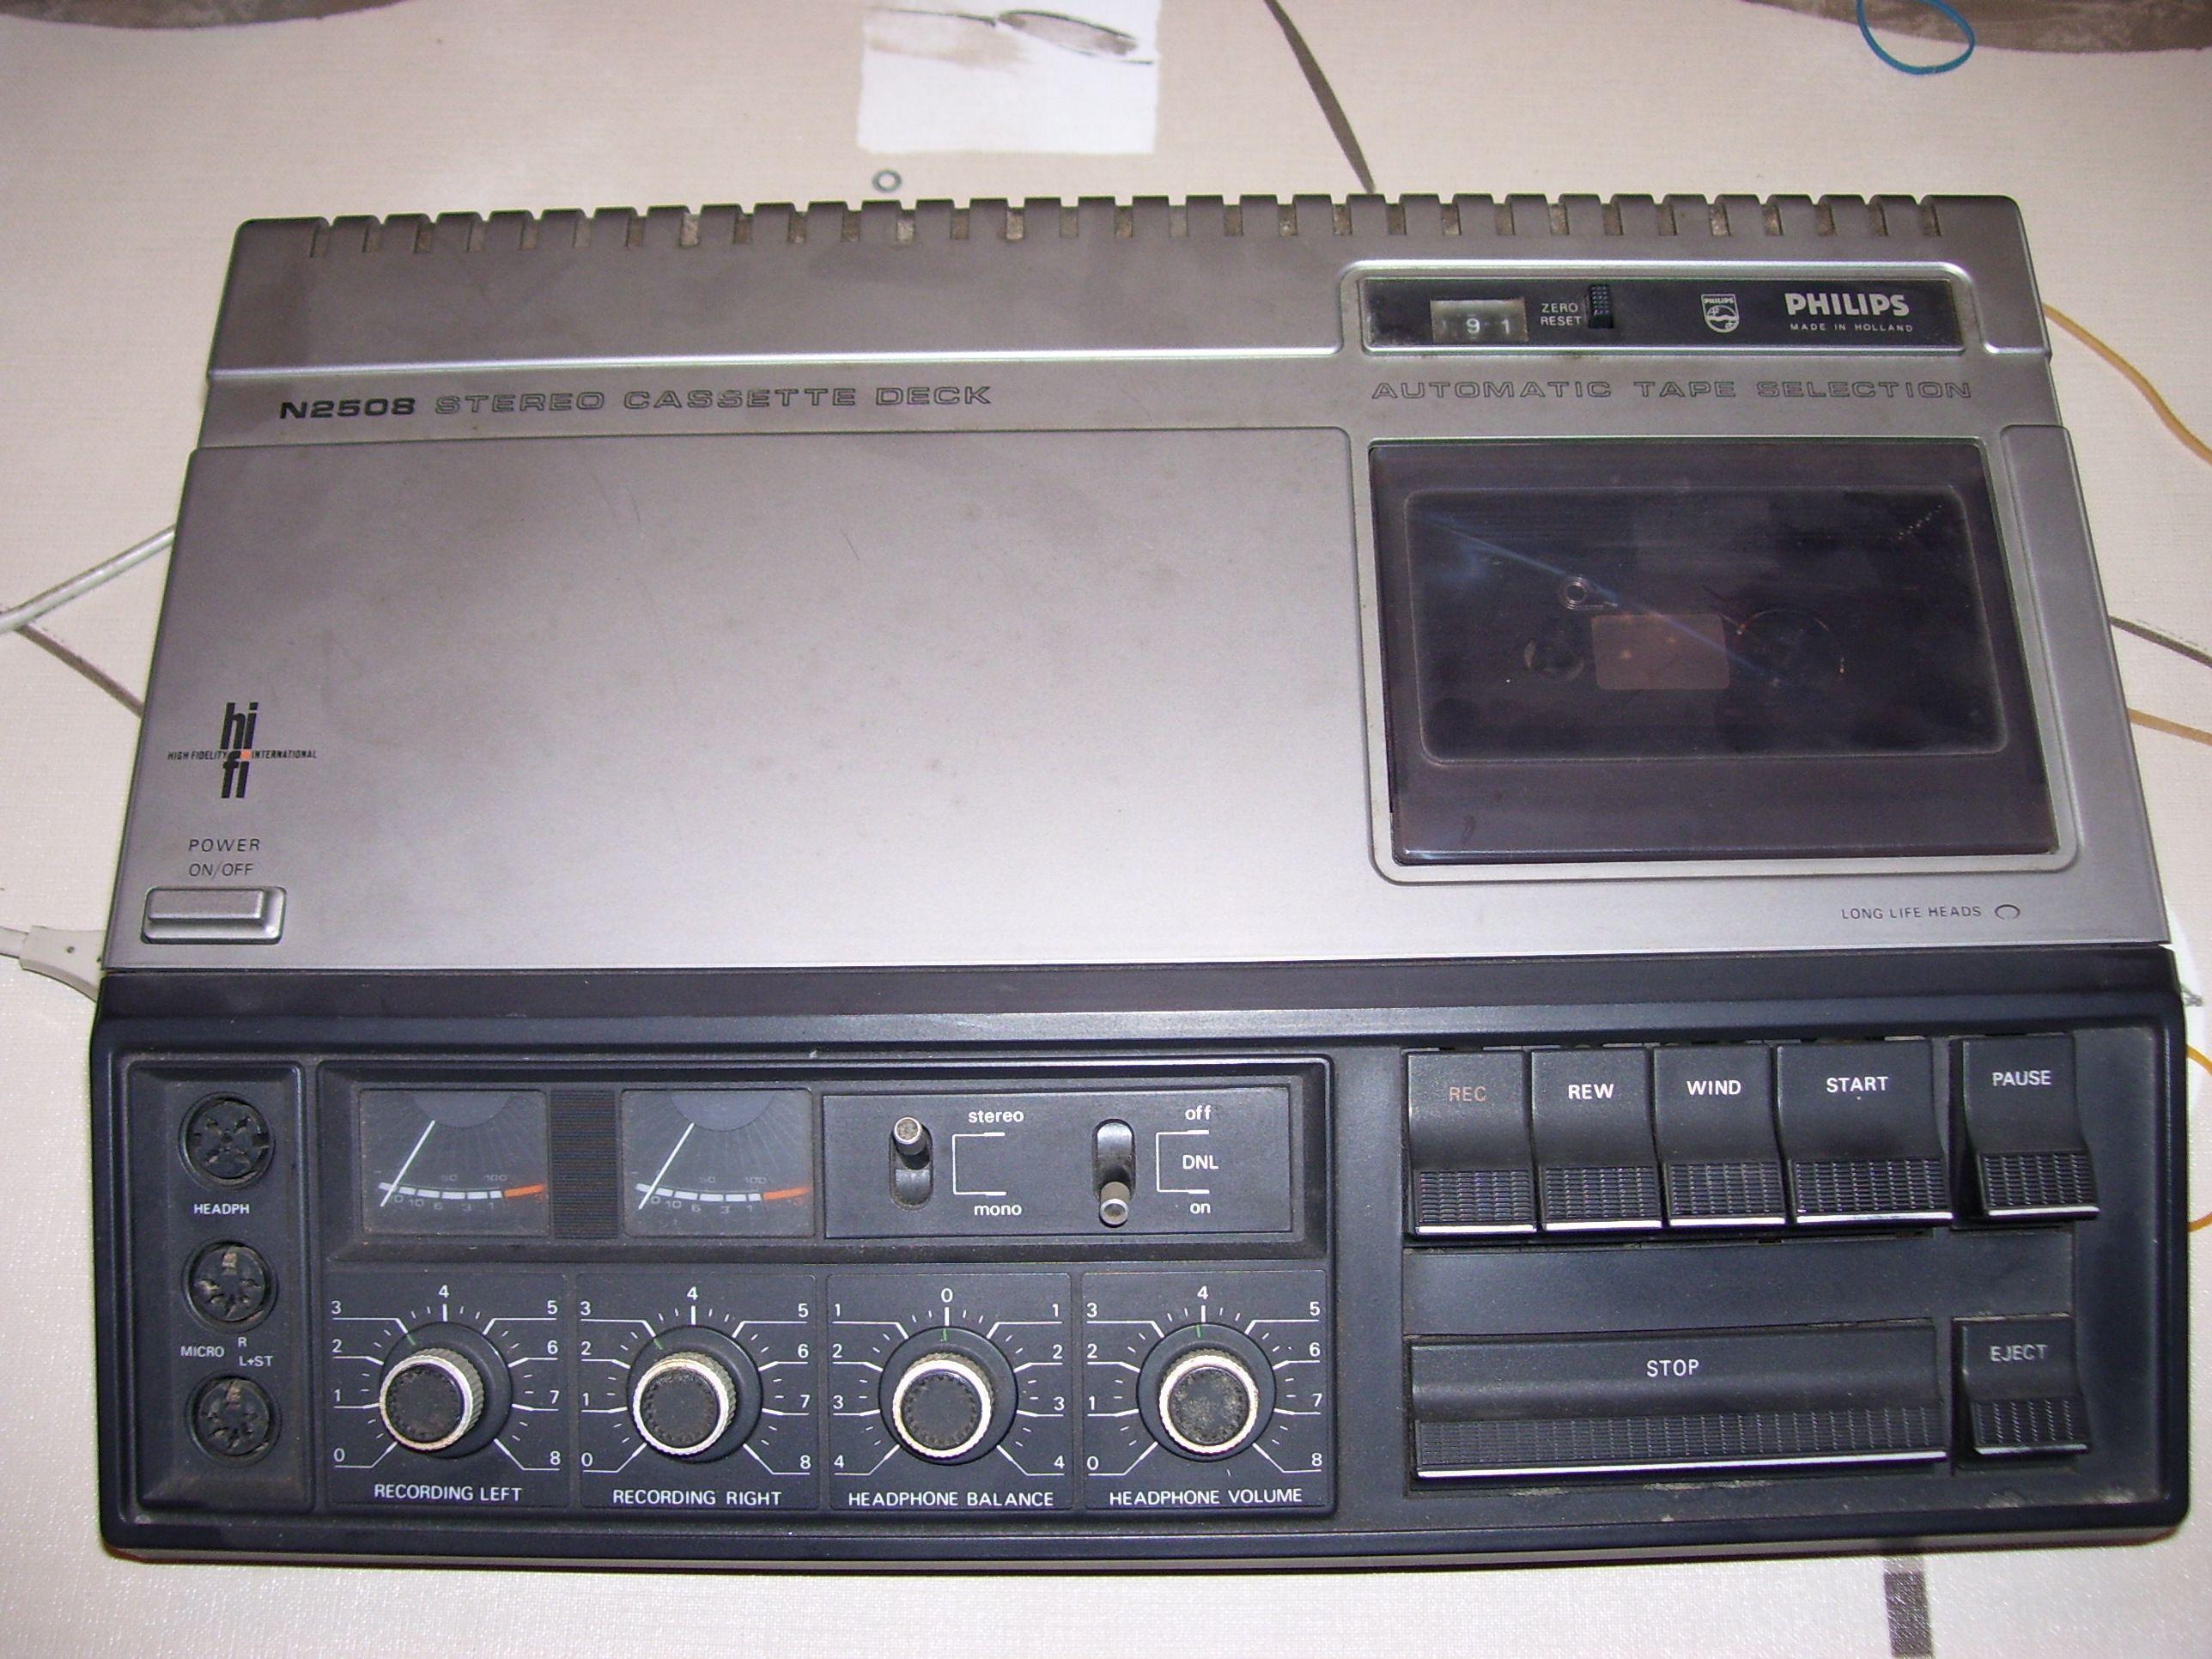 comment remplacer courroies lecteur de cassette audio. Black Bedroom Furniture Sets. Home Design Ideas